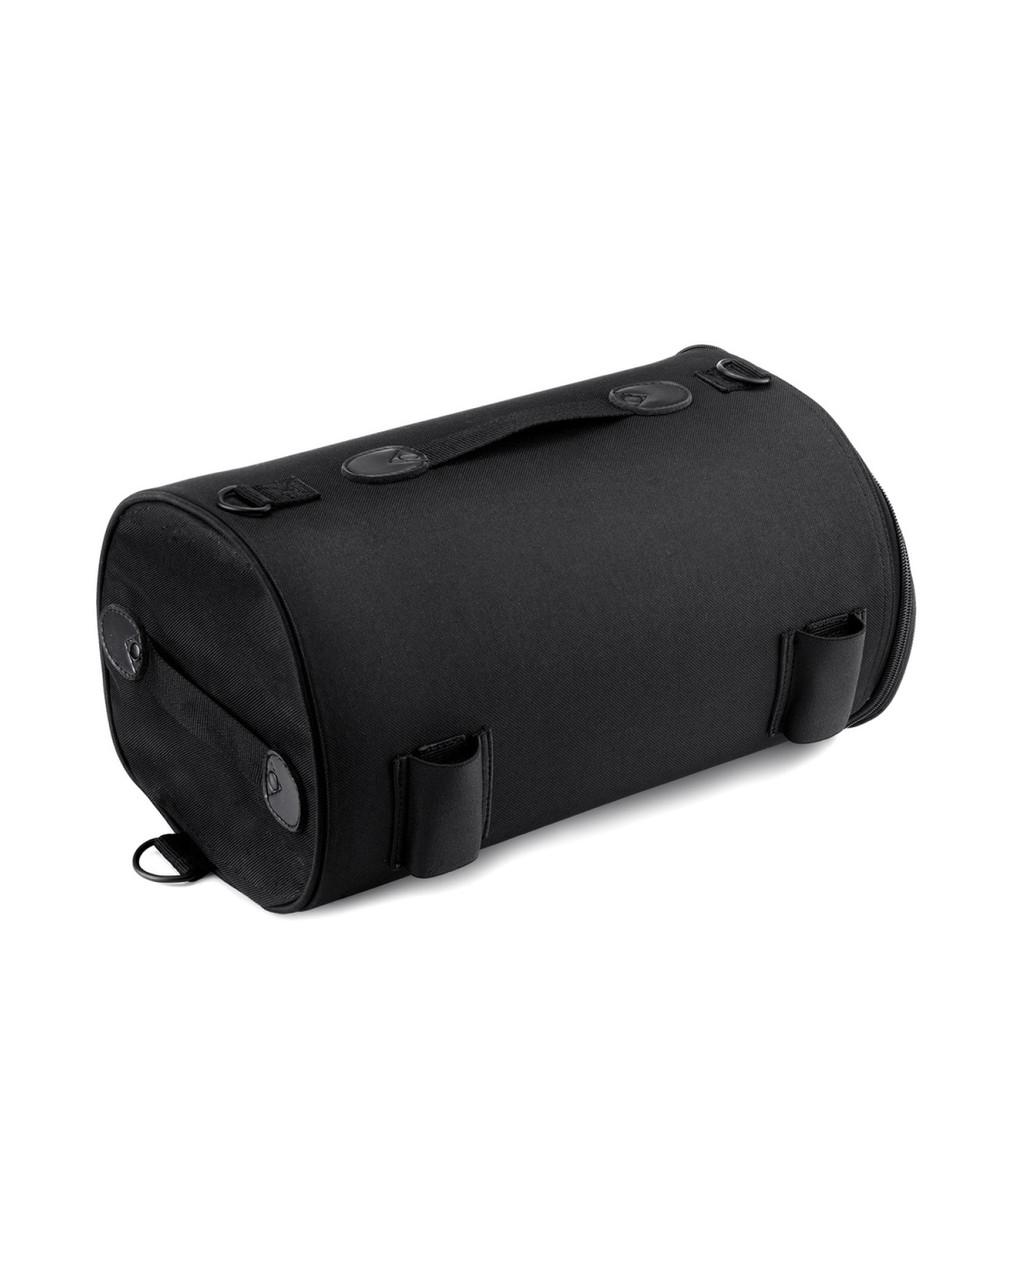 Suzuki Viking Extra Large Plain Motorcycle Tail Bag Roll bag